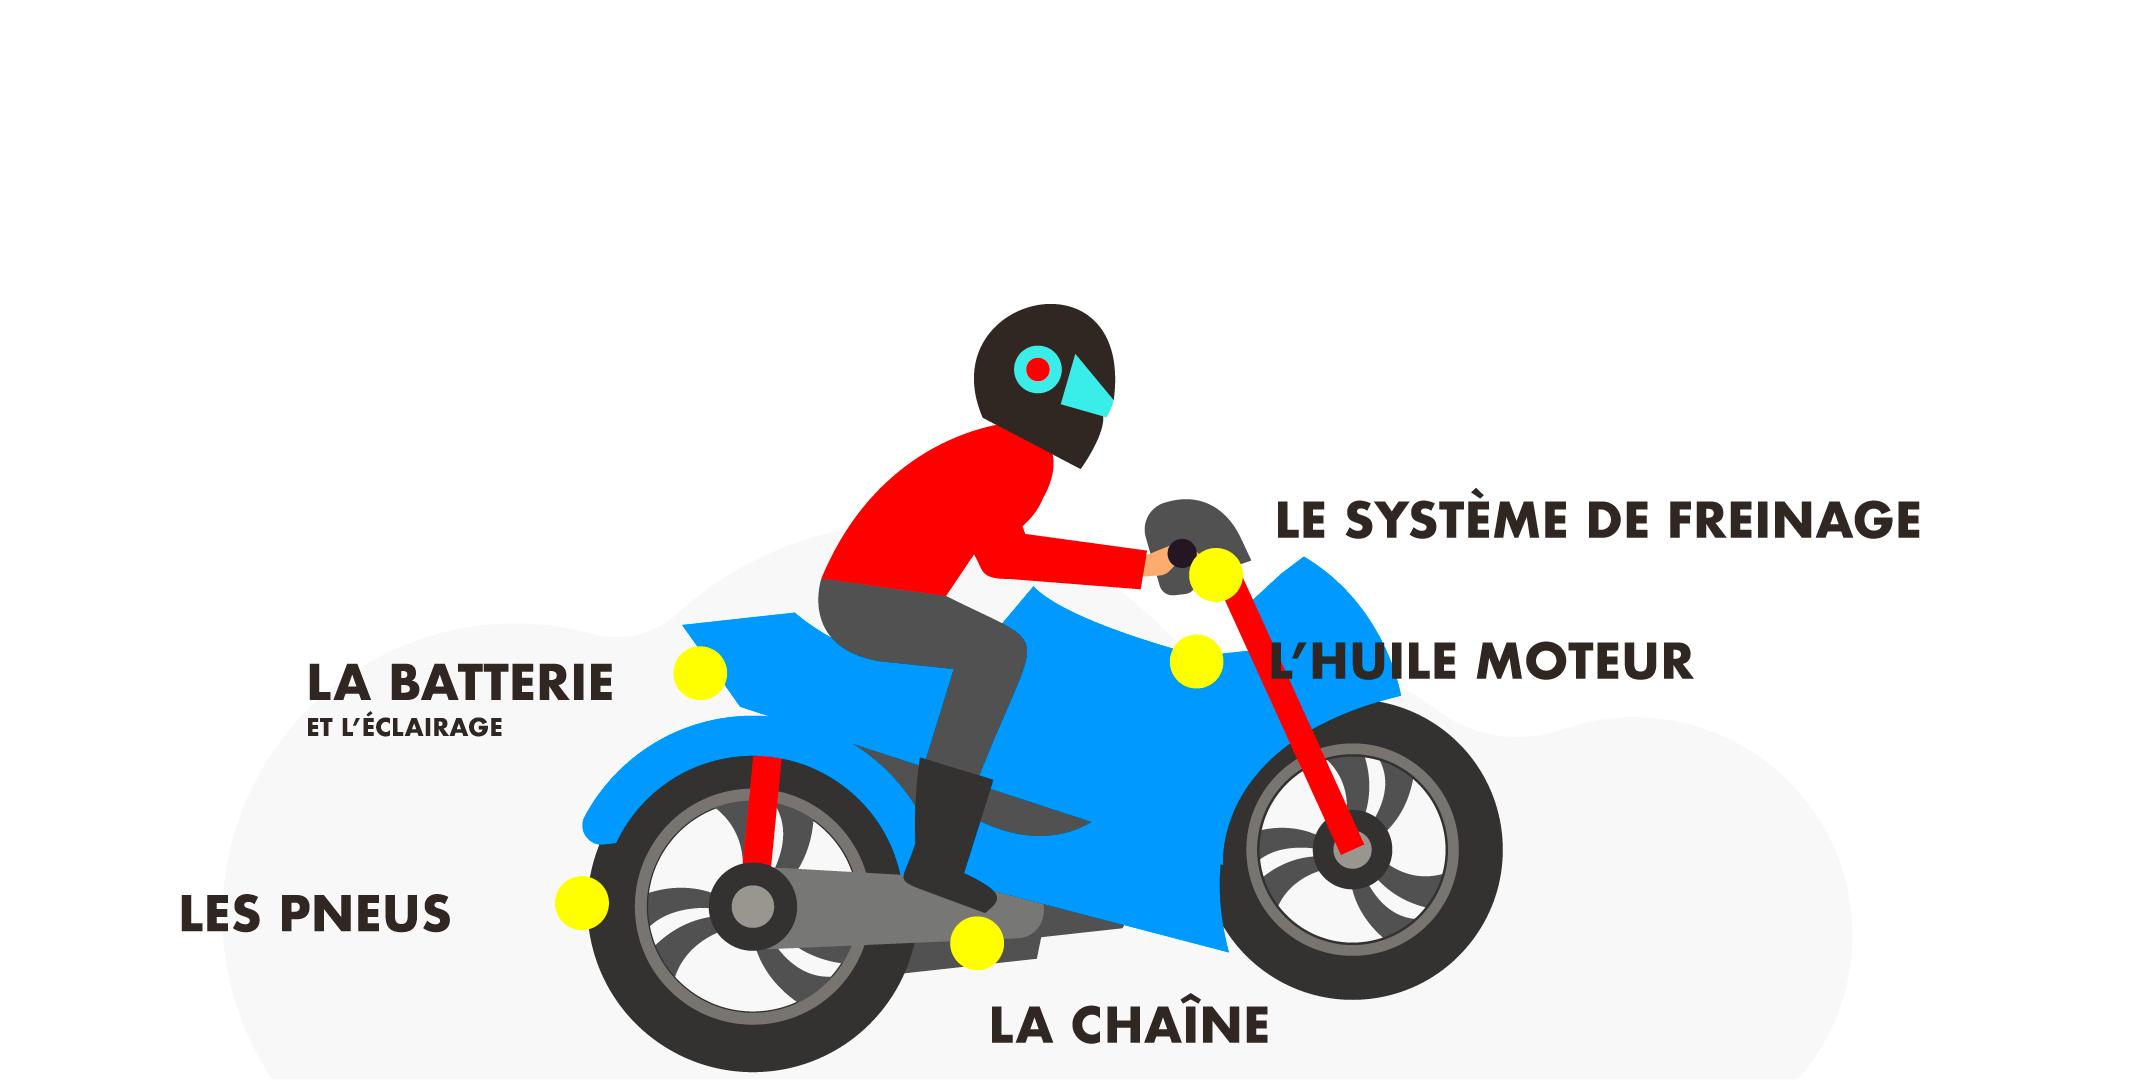 Moto : les points à vérifier régulièrement